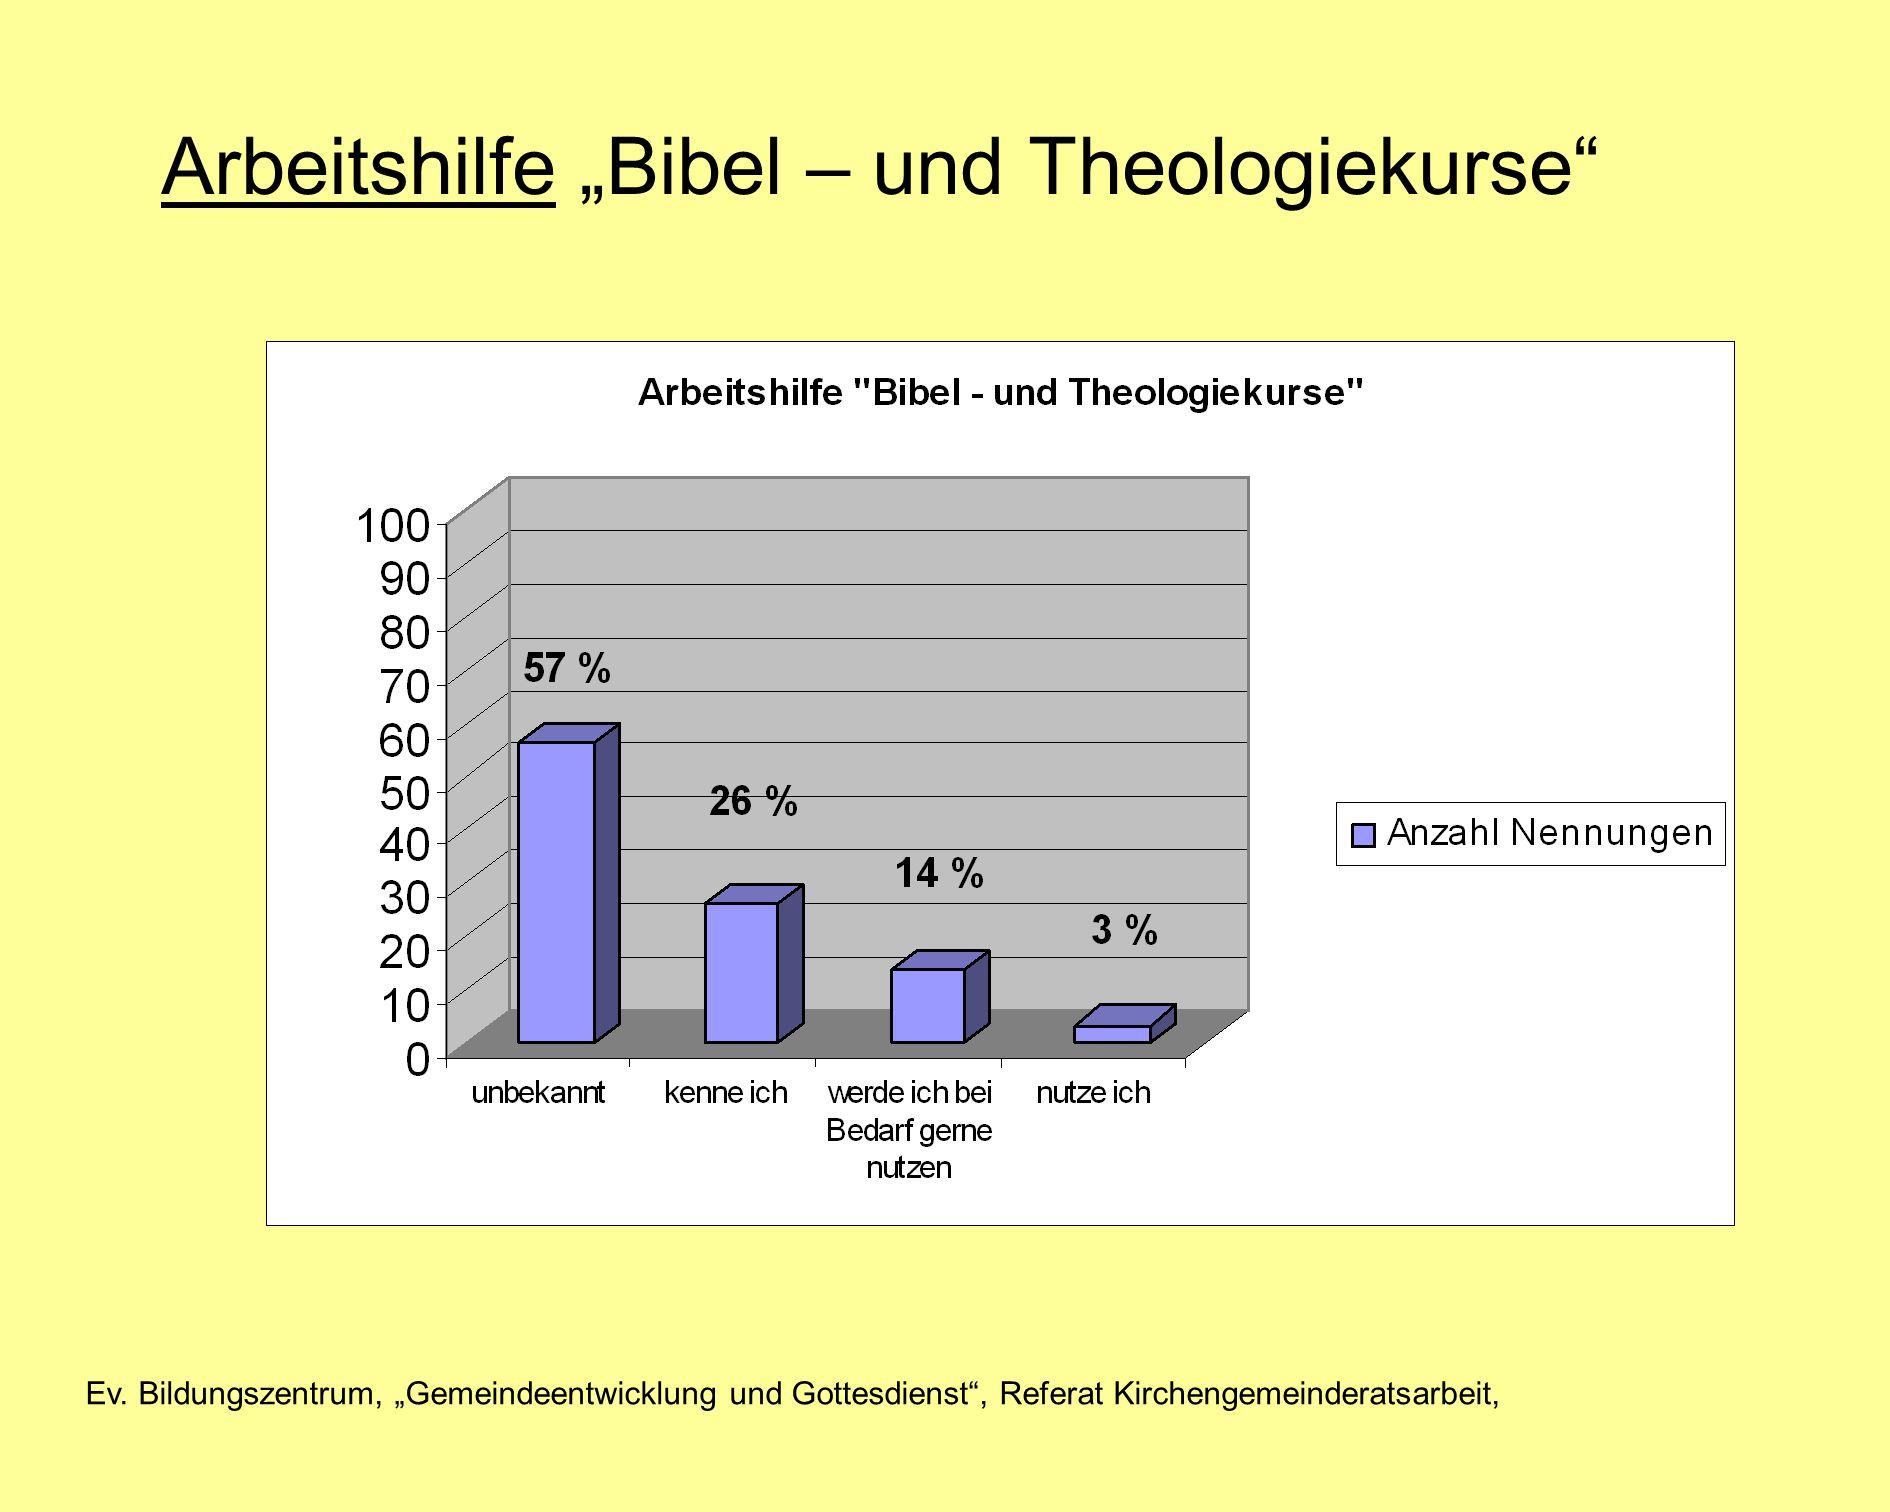 Ev. Bildungszentrum, Gemeindeentwicklung und Gottesdienst, Referat Kirchengemeinderatsarbeit, Arbeitshilfe Bibel – und Theologiekurse